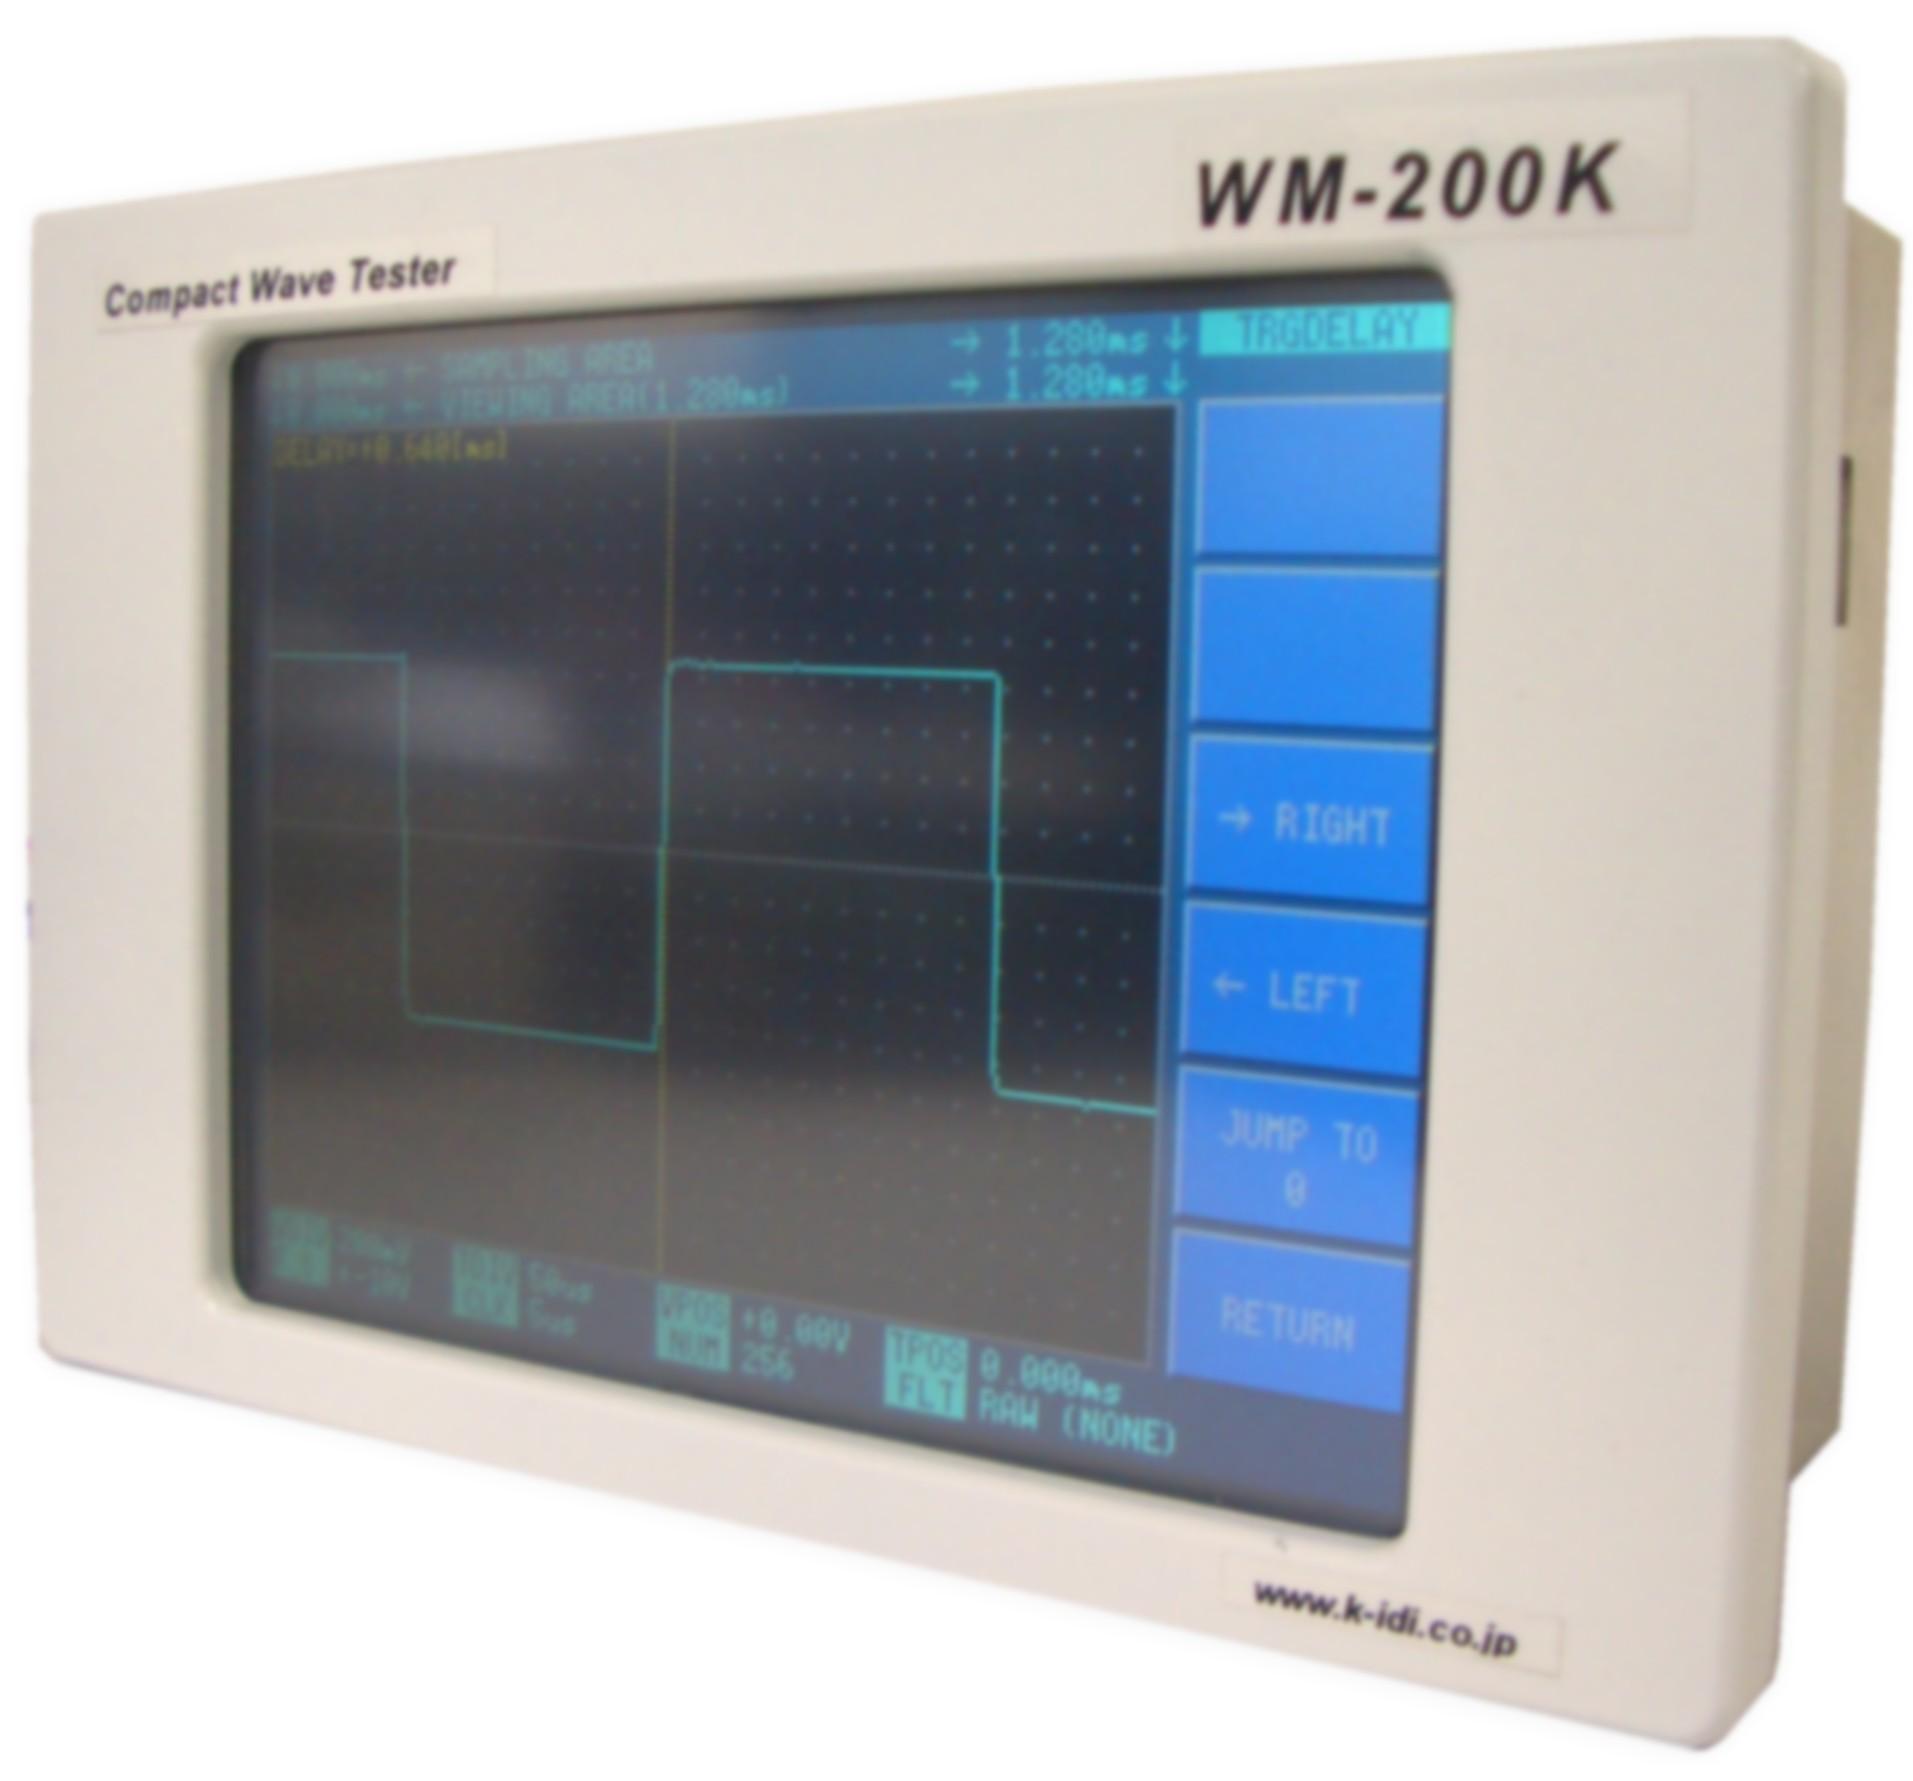 WM-200K